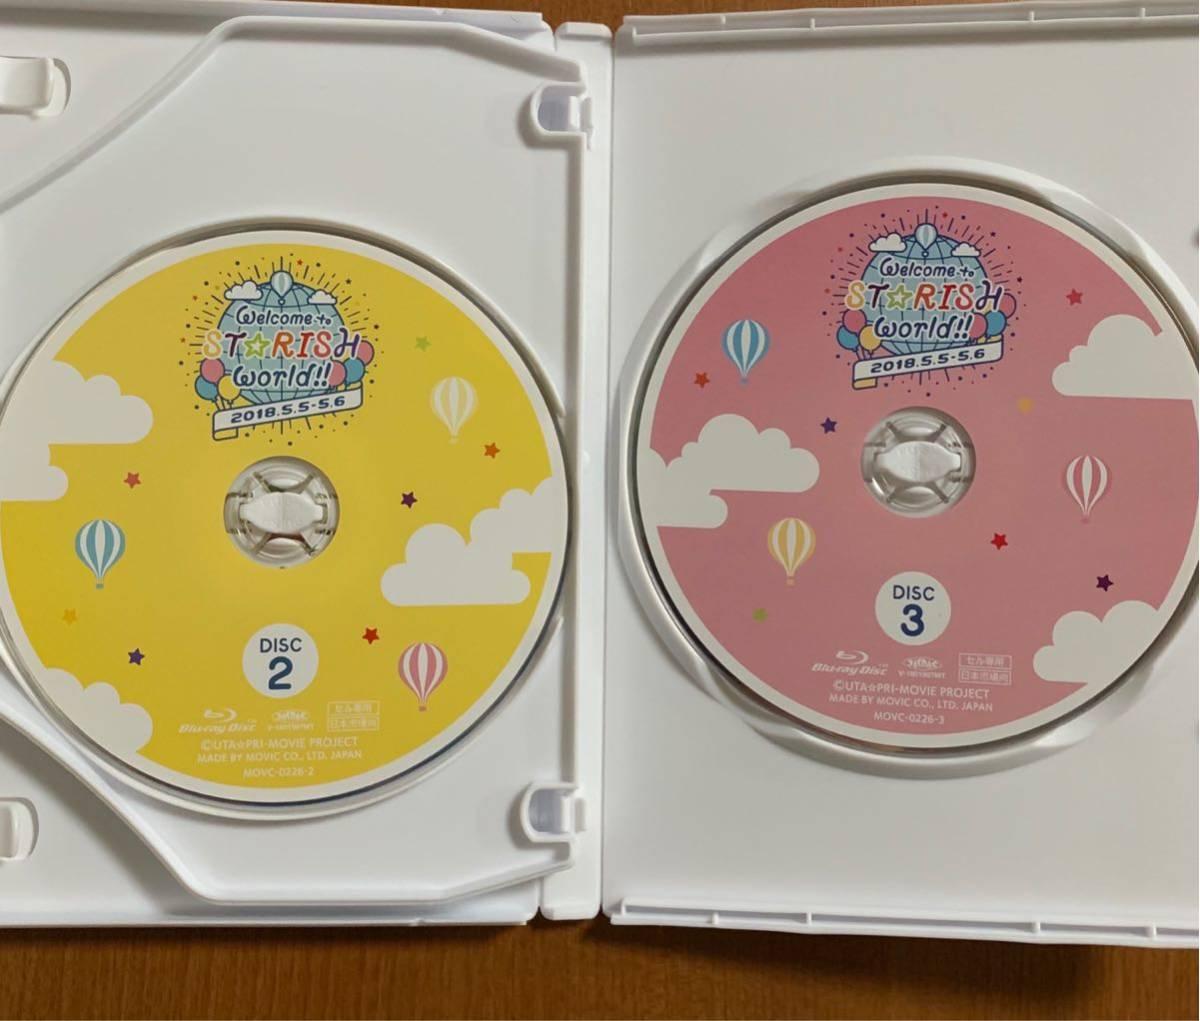 うたの☆プリンスさまっ♪ ST☆RISHファンミーティング Welcome to ST☆RISH world!! (Blu-ray)_画像4